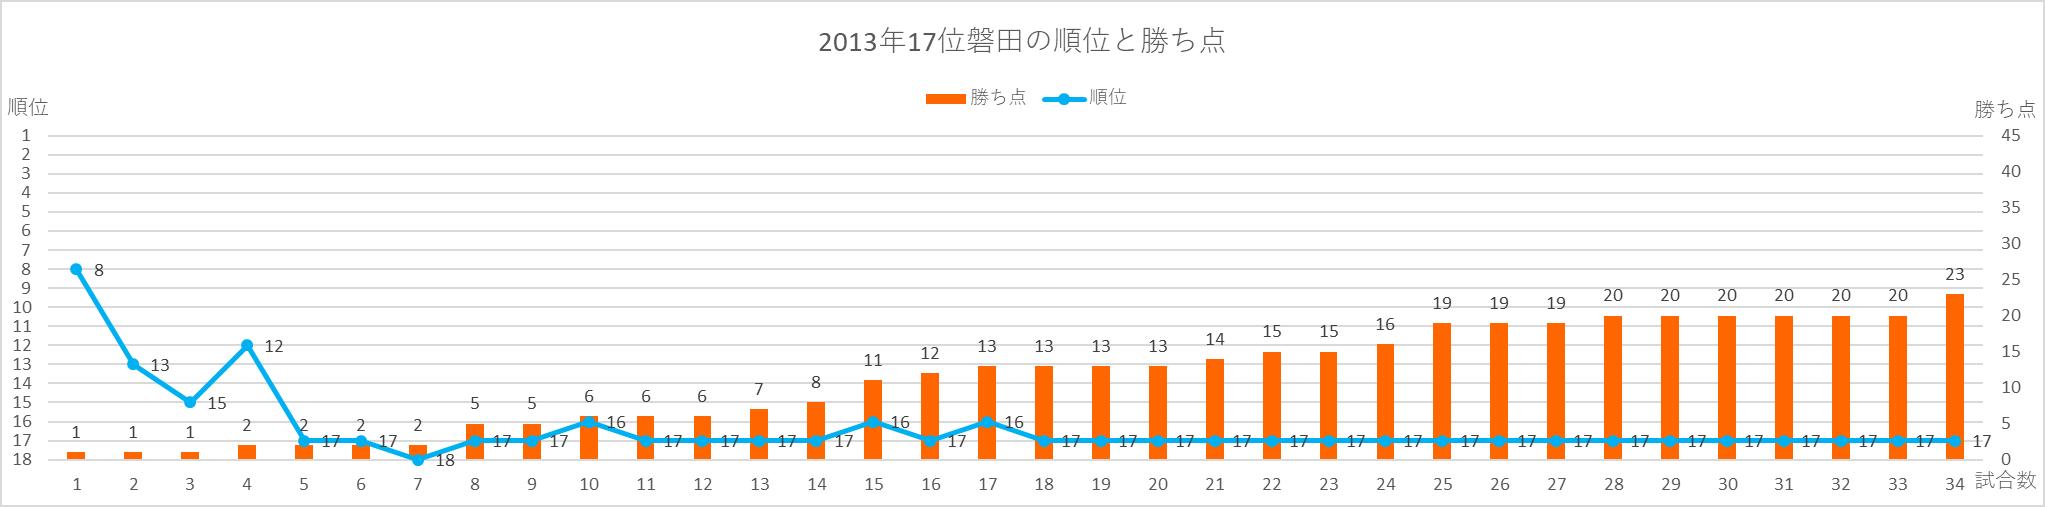 2013年磐田の順位と勝ち点の推移